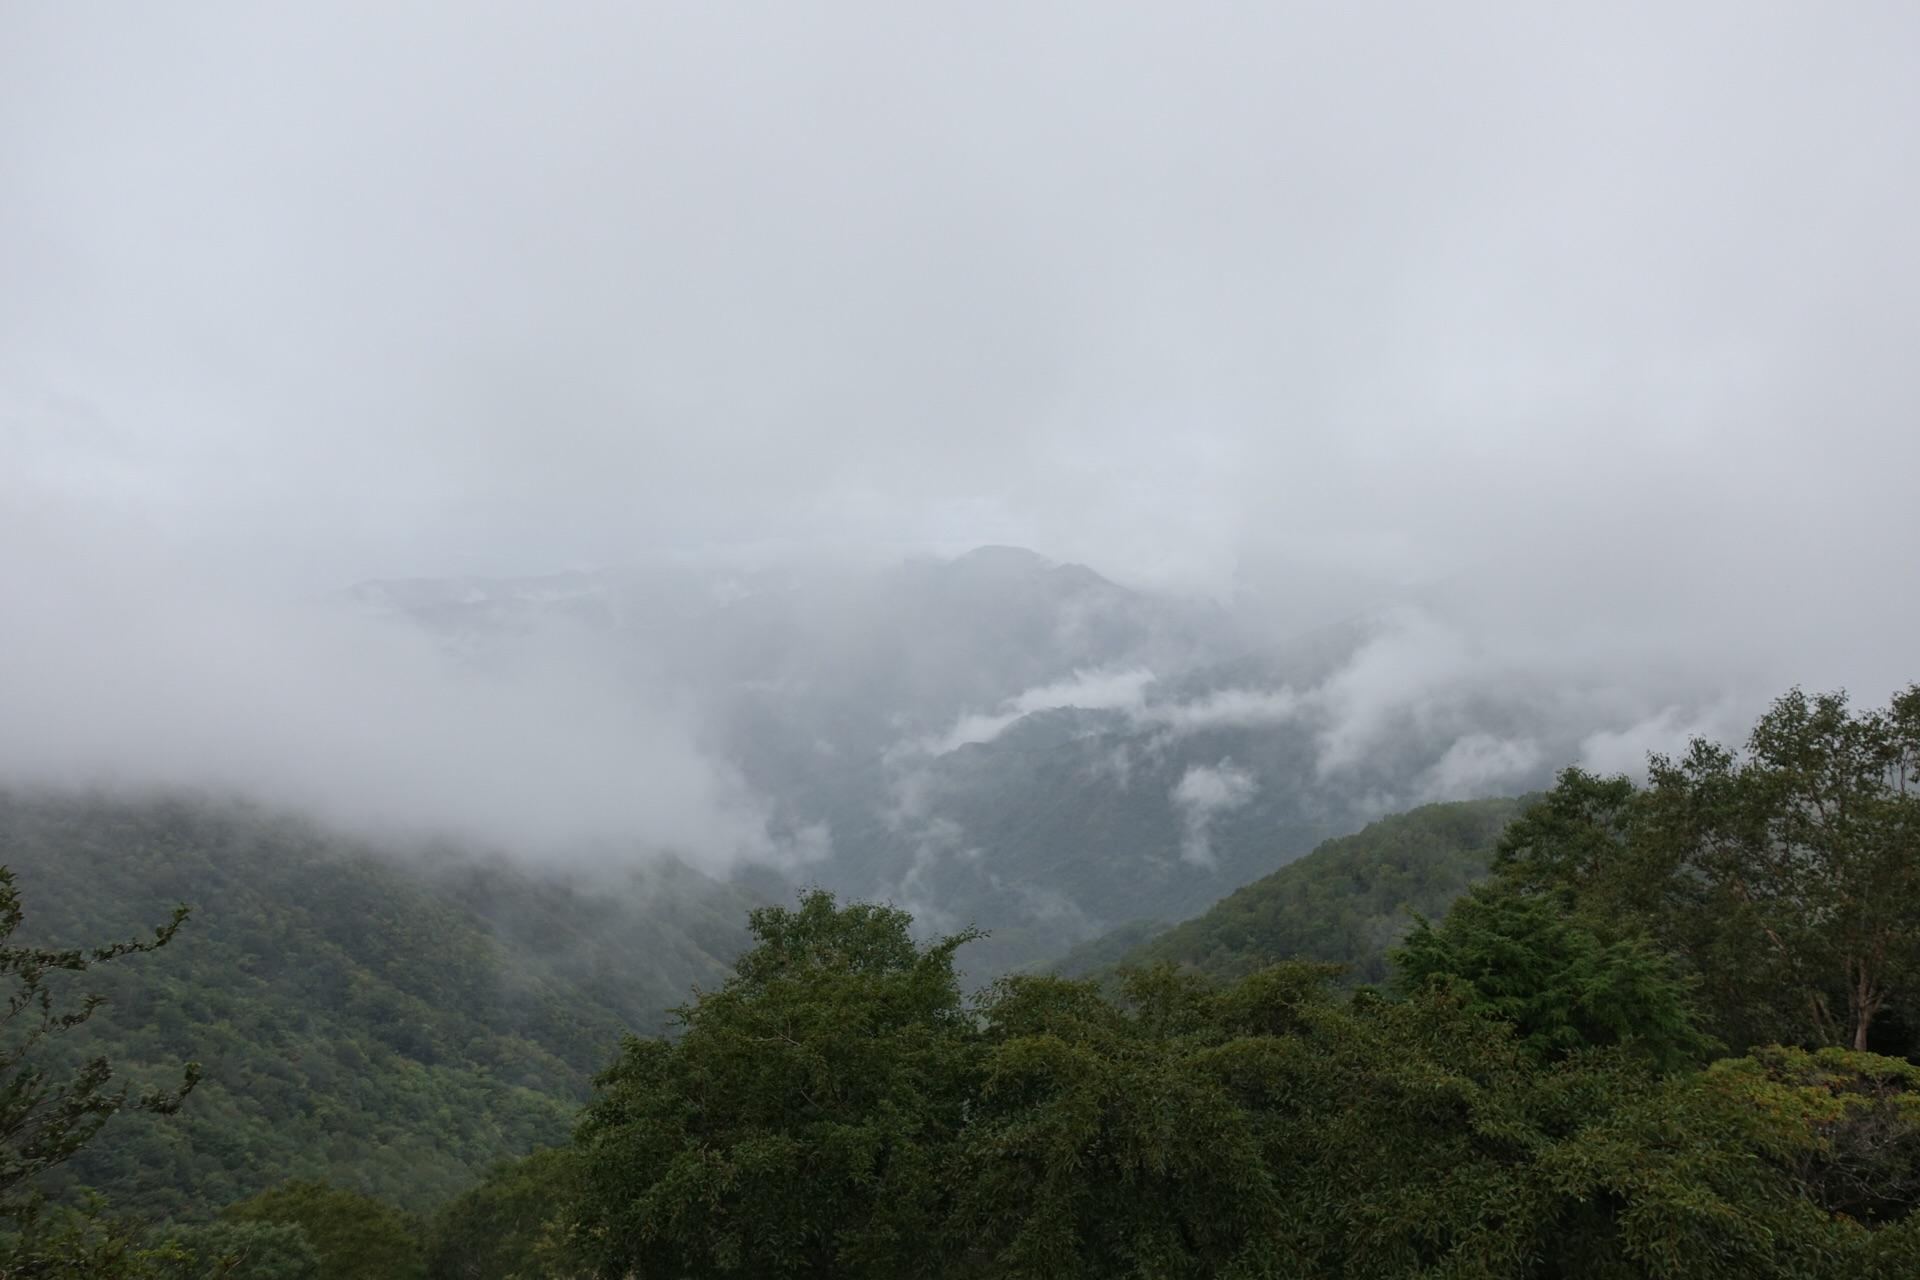 半月山第二駐車場からの眺めは雲で・・・